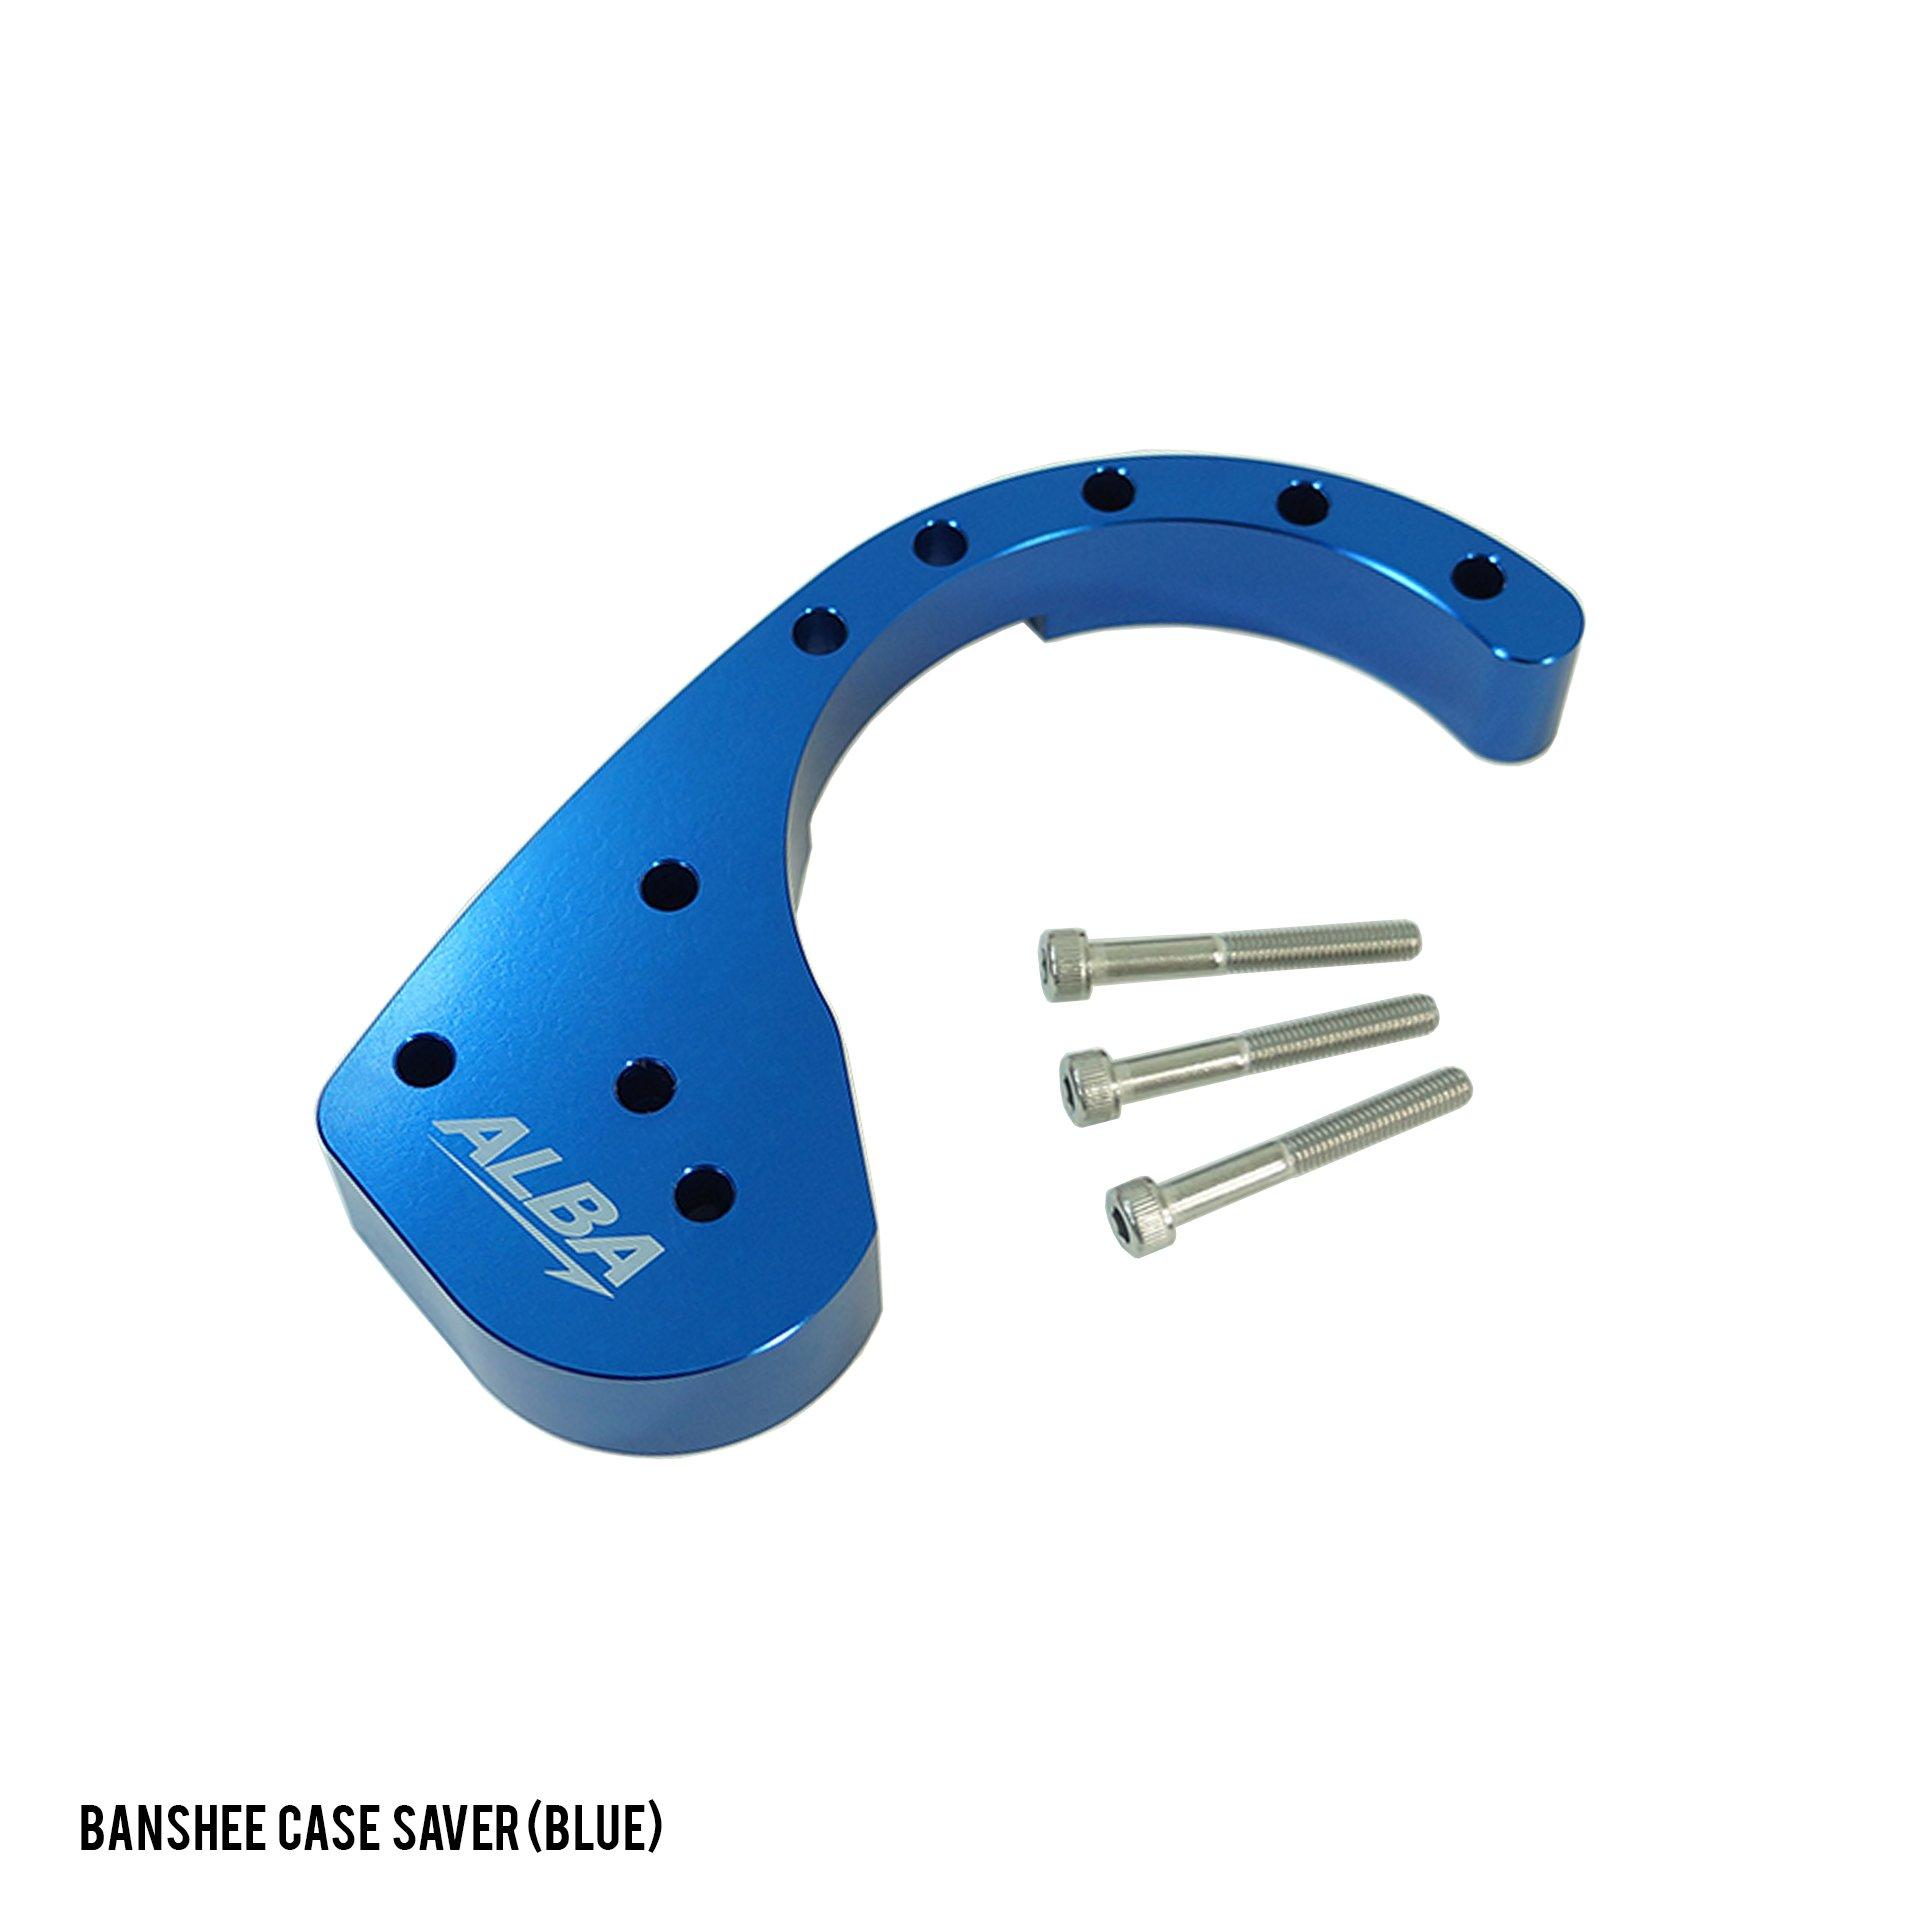 Yamaha Banshee Case Saver Blue (1987-2006)